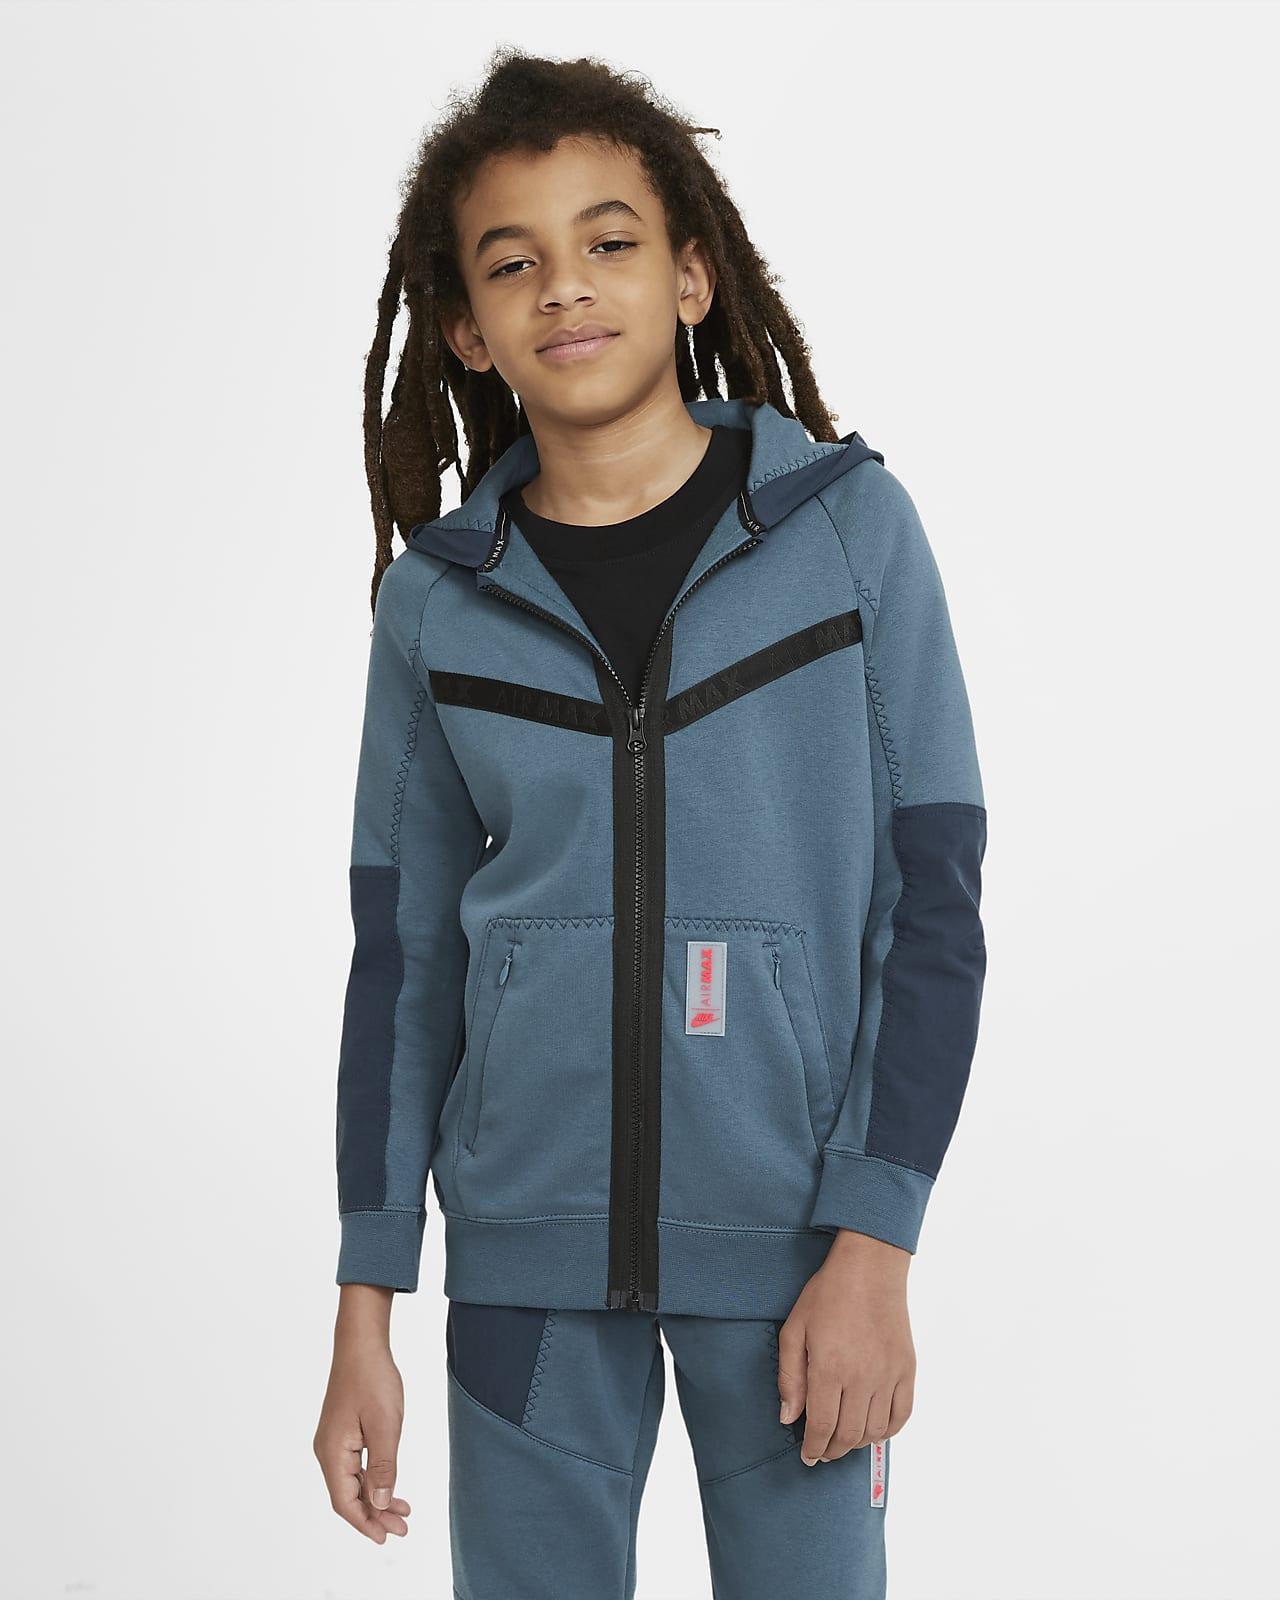 Nike Sportswear Air Max-fleecehættetrøje med lynlås i fuld længde til store børn (drenge)